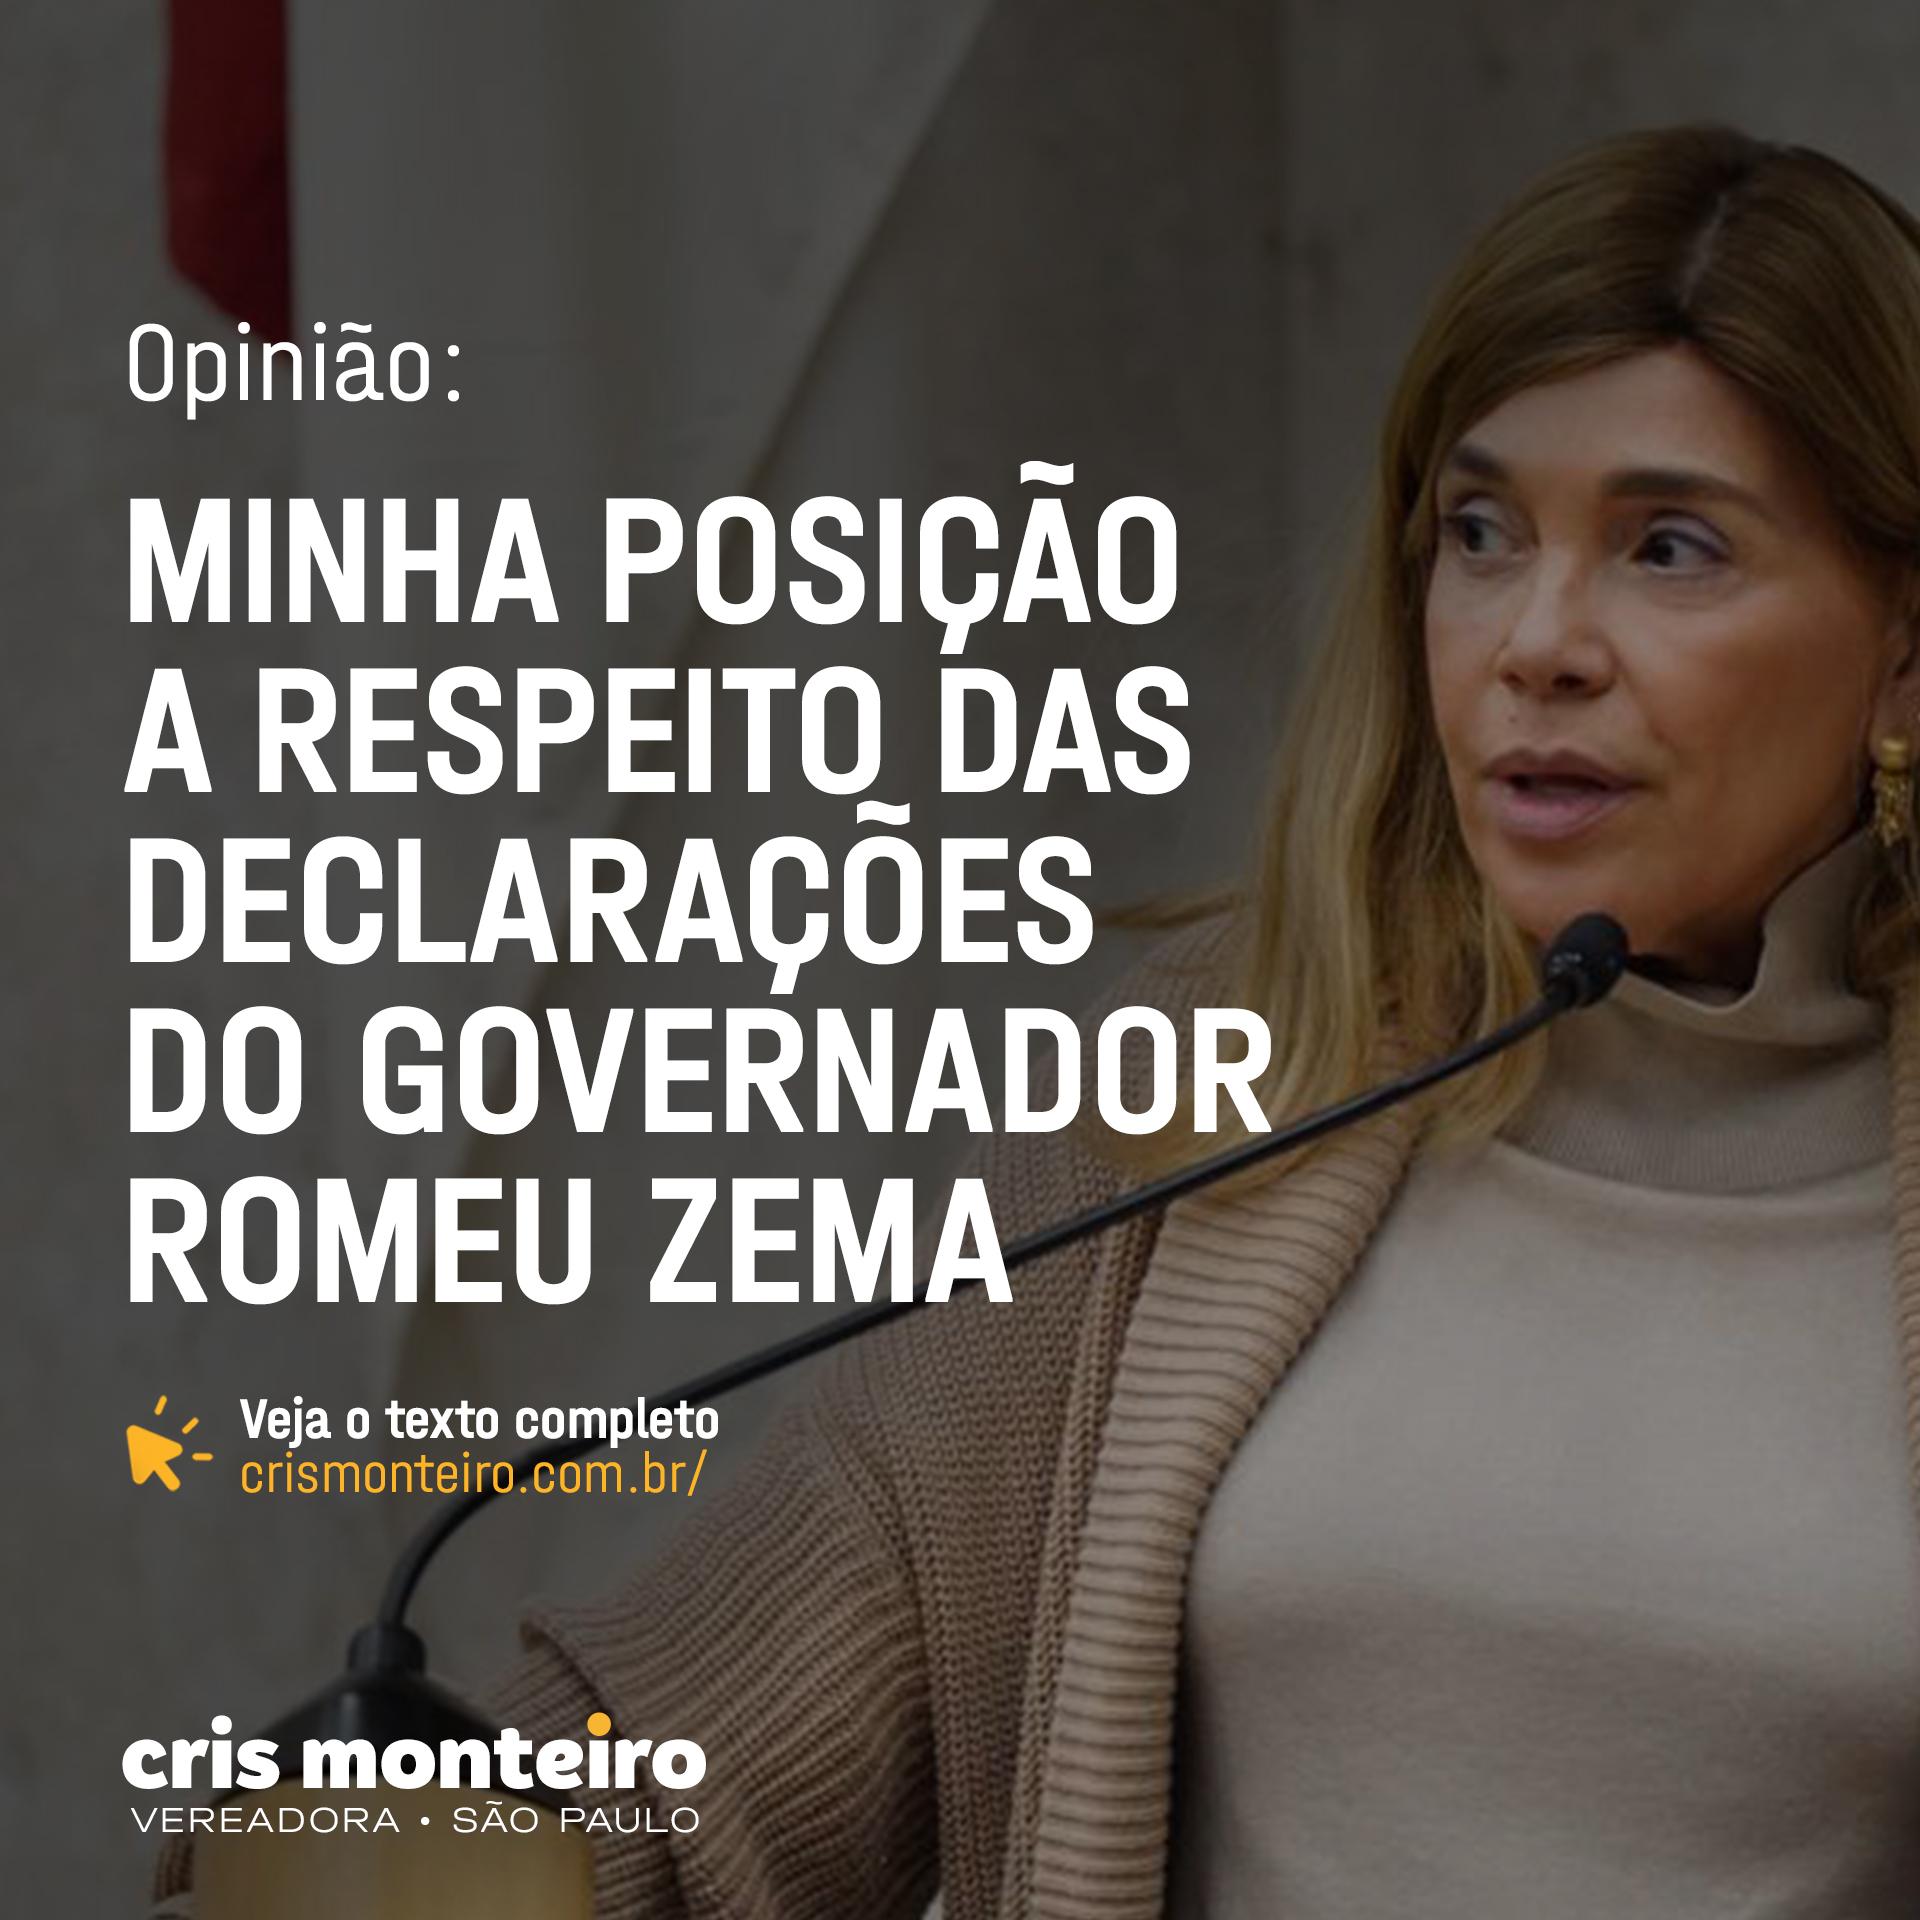 Minha posição a respeito das  declarações do Governador Romeu Zema